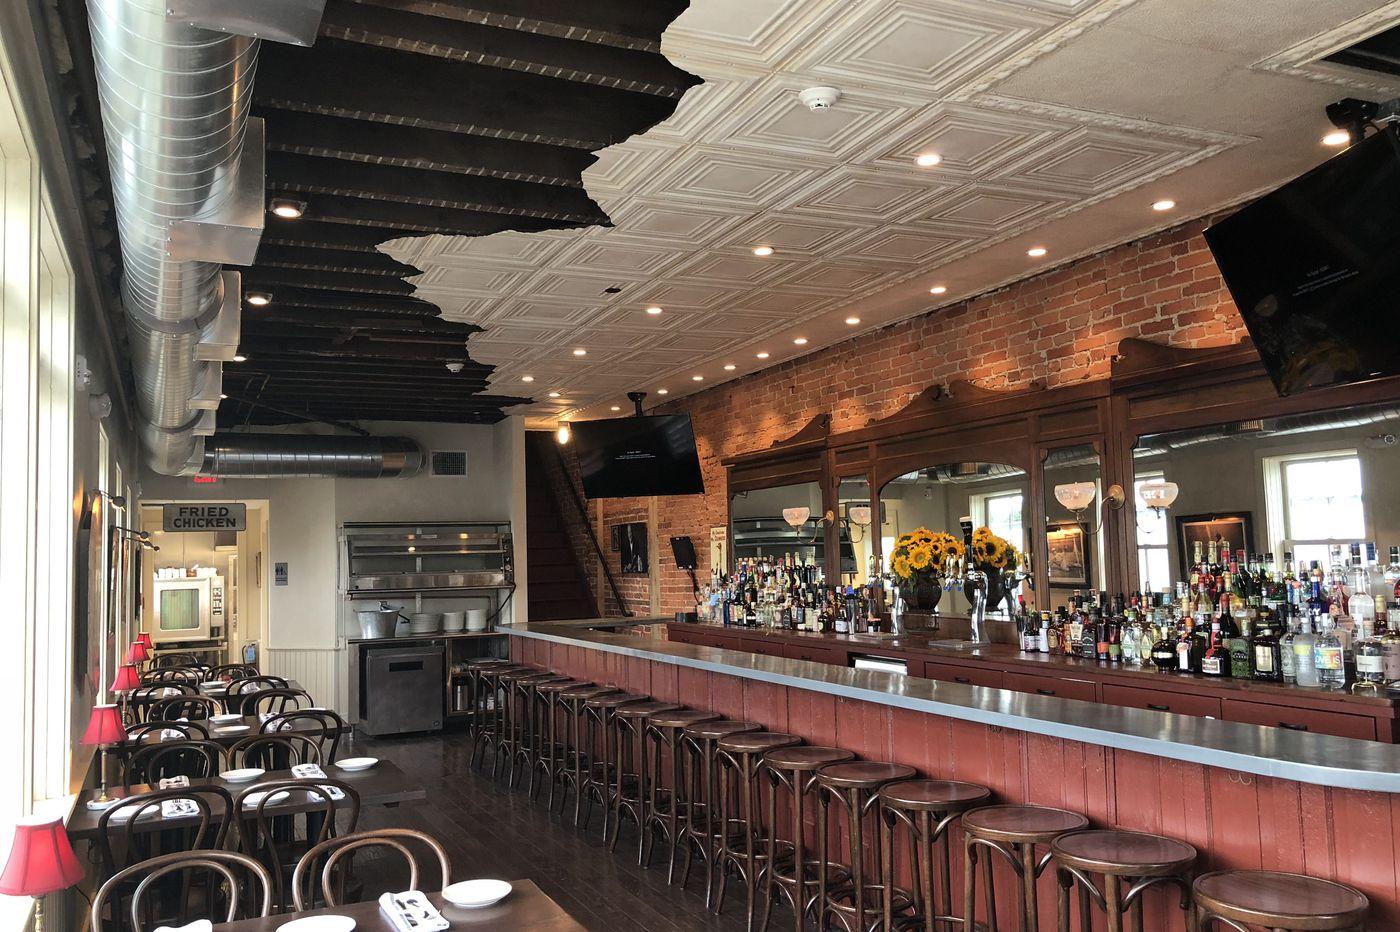 Pineville Tavern, the Bucks landmark, opens a location near Fishtown